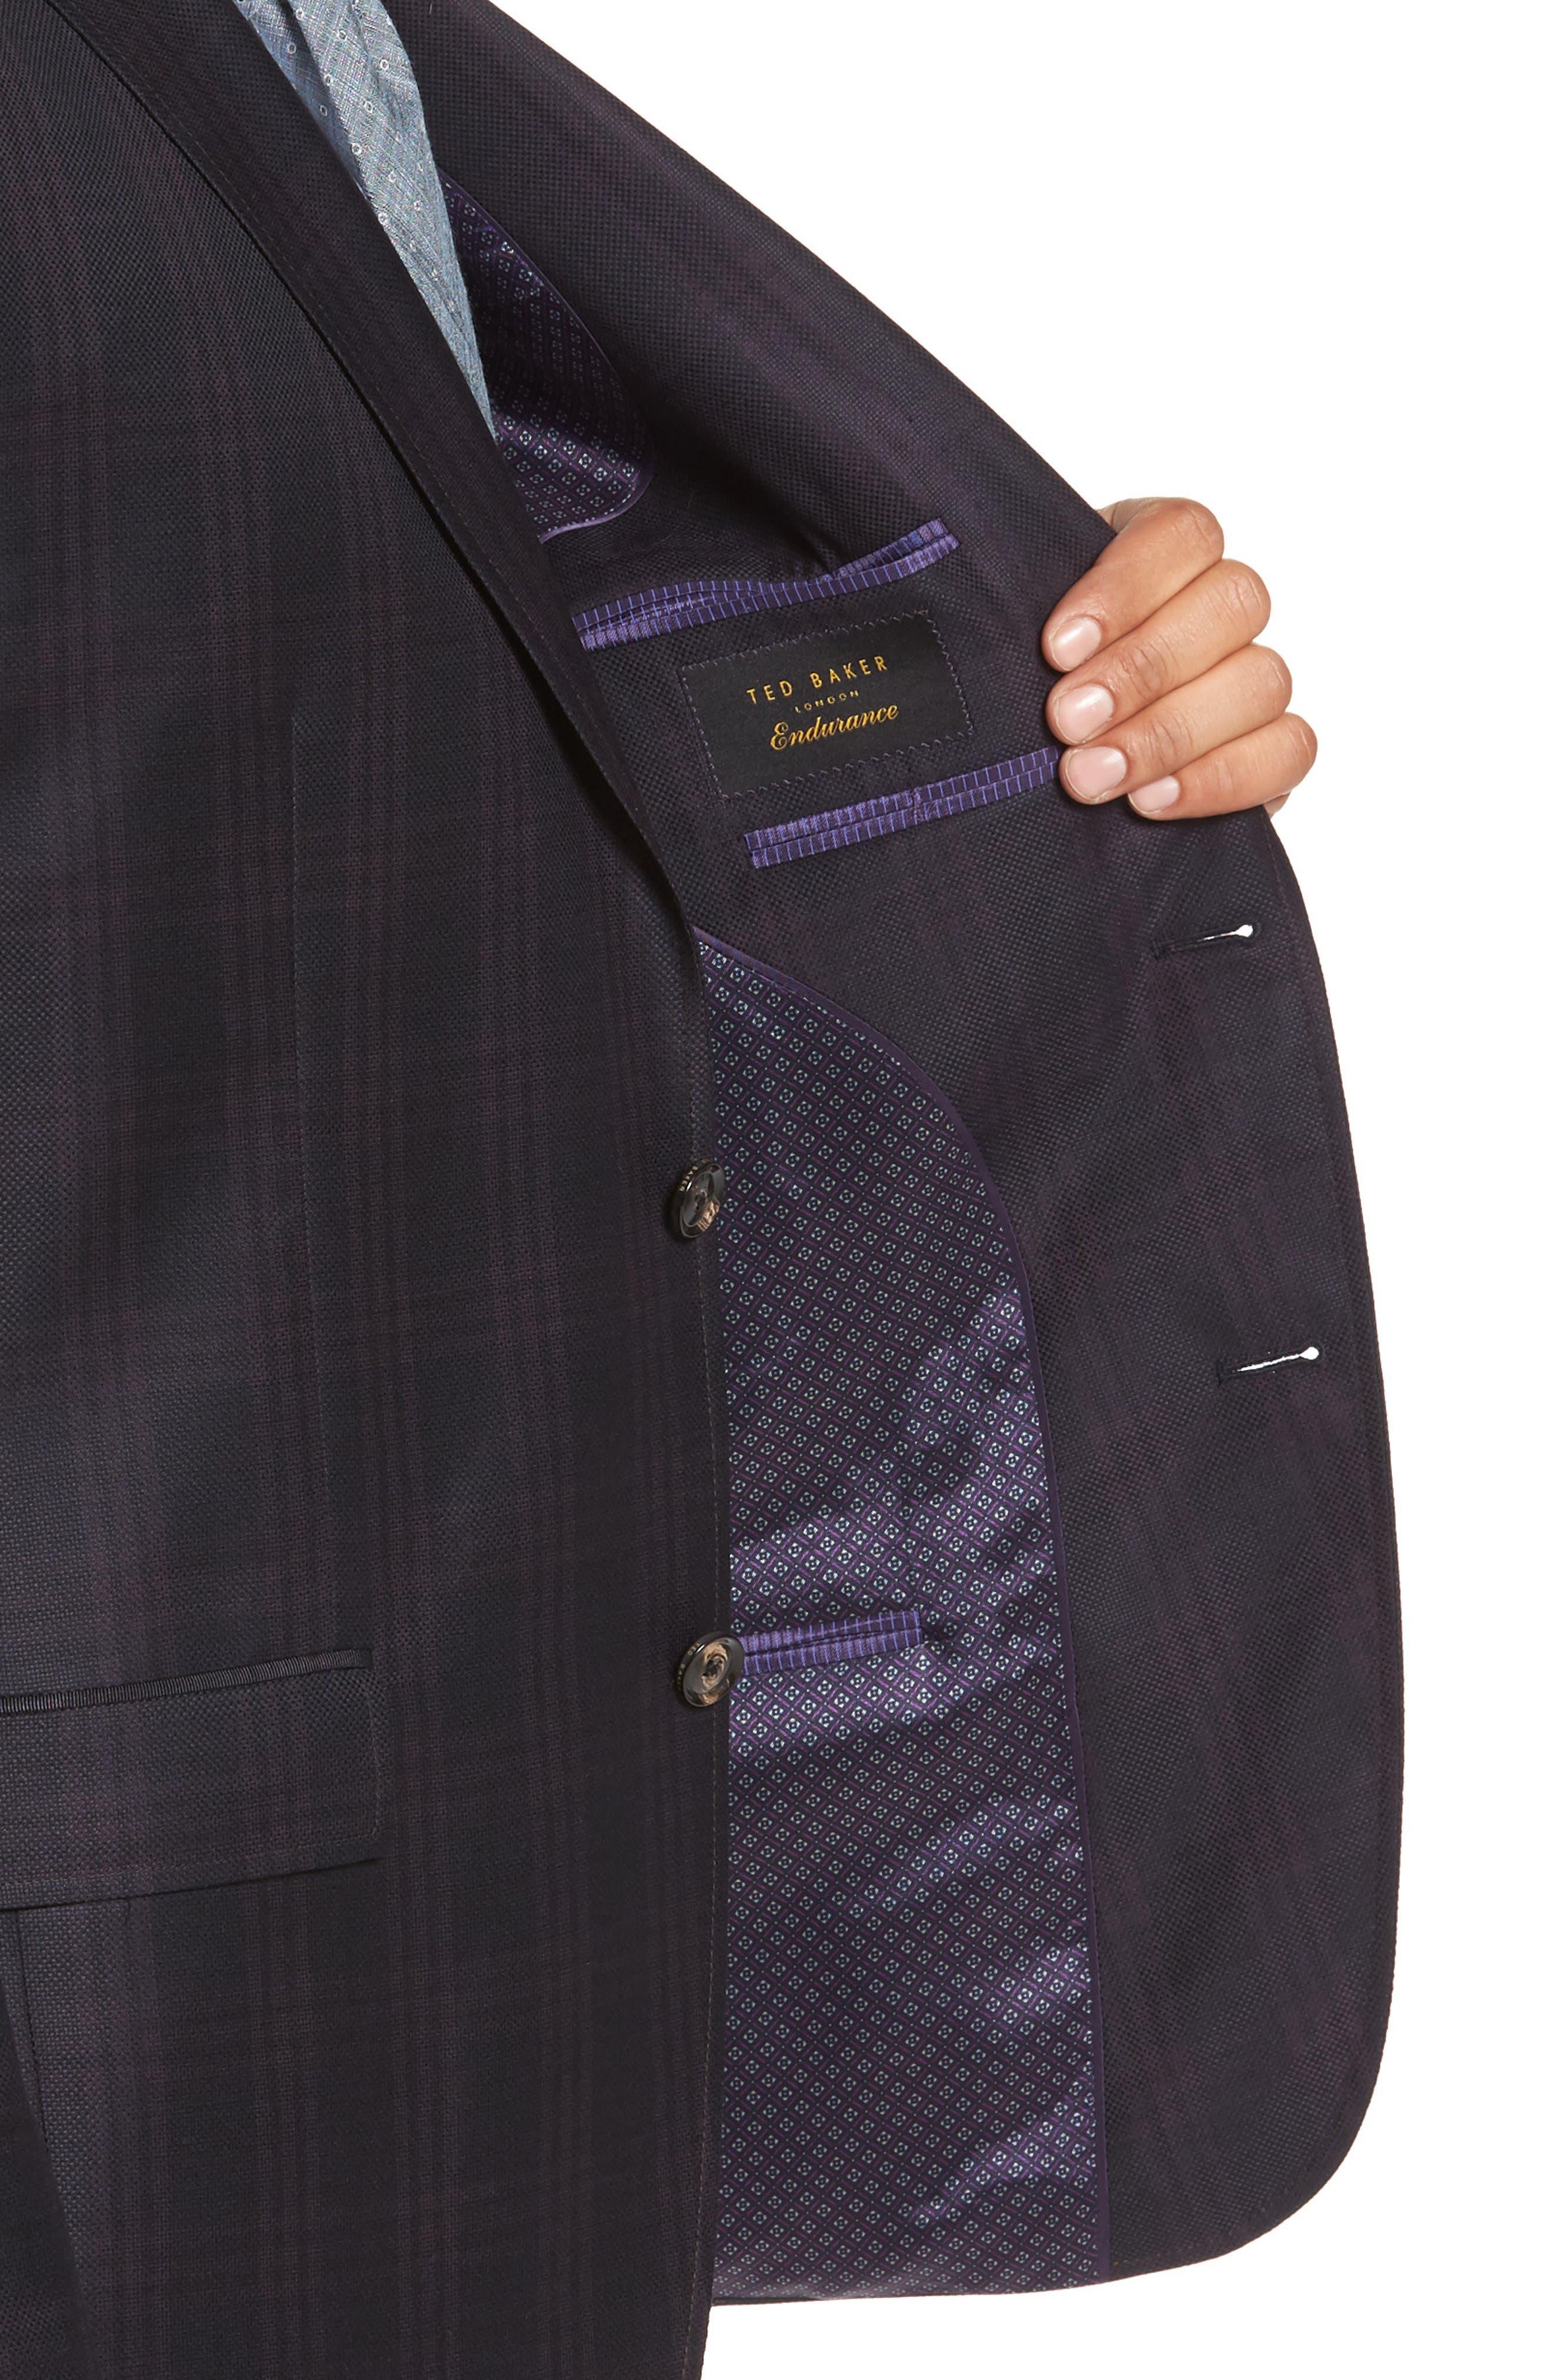 Jed Trim Fit Plaid Wool Sport Coat,                             Alternate thumbnail 4, color,                             Black